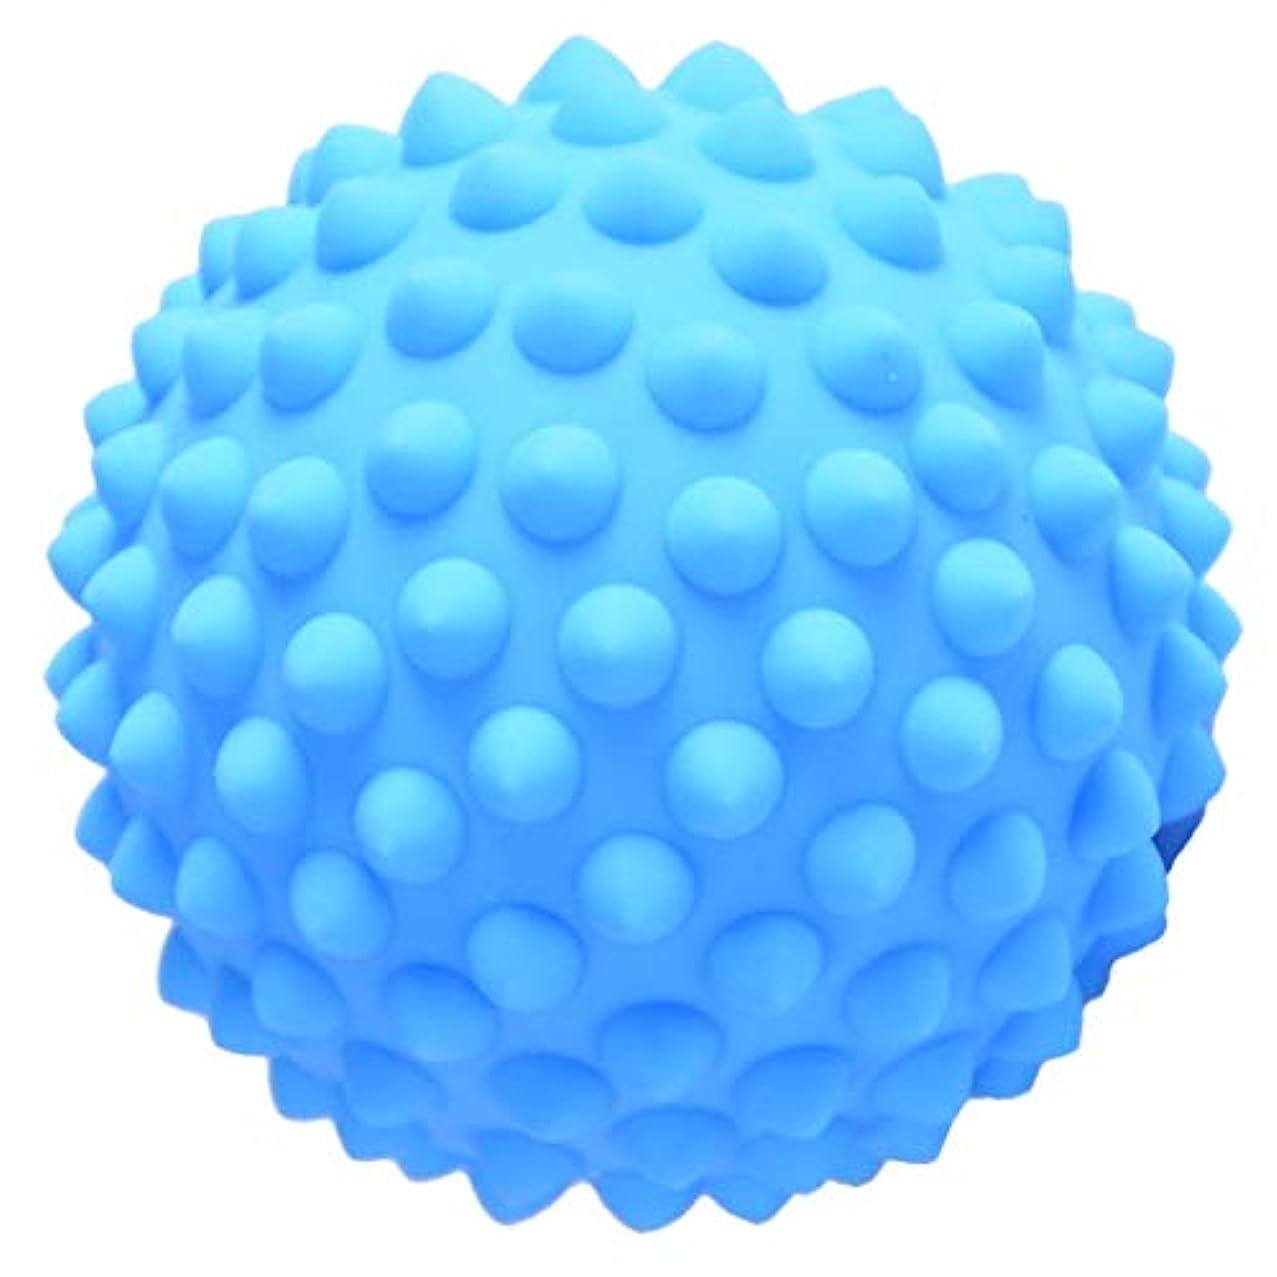 応用パーセントオーケストラマッサージボール ポイントマッサージ ヨガ道具 3色選べ - 青, 説明のとおり